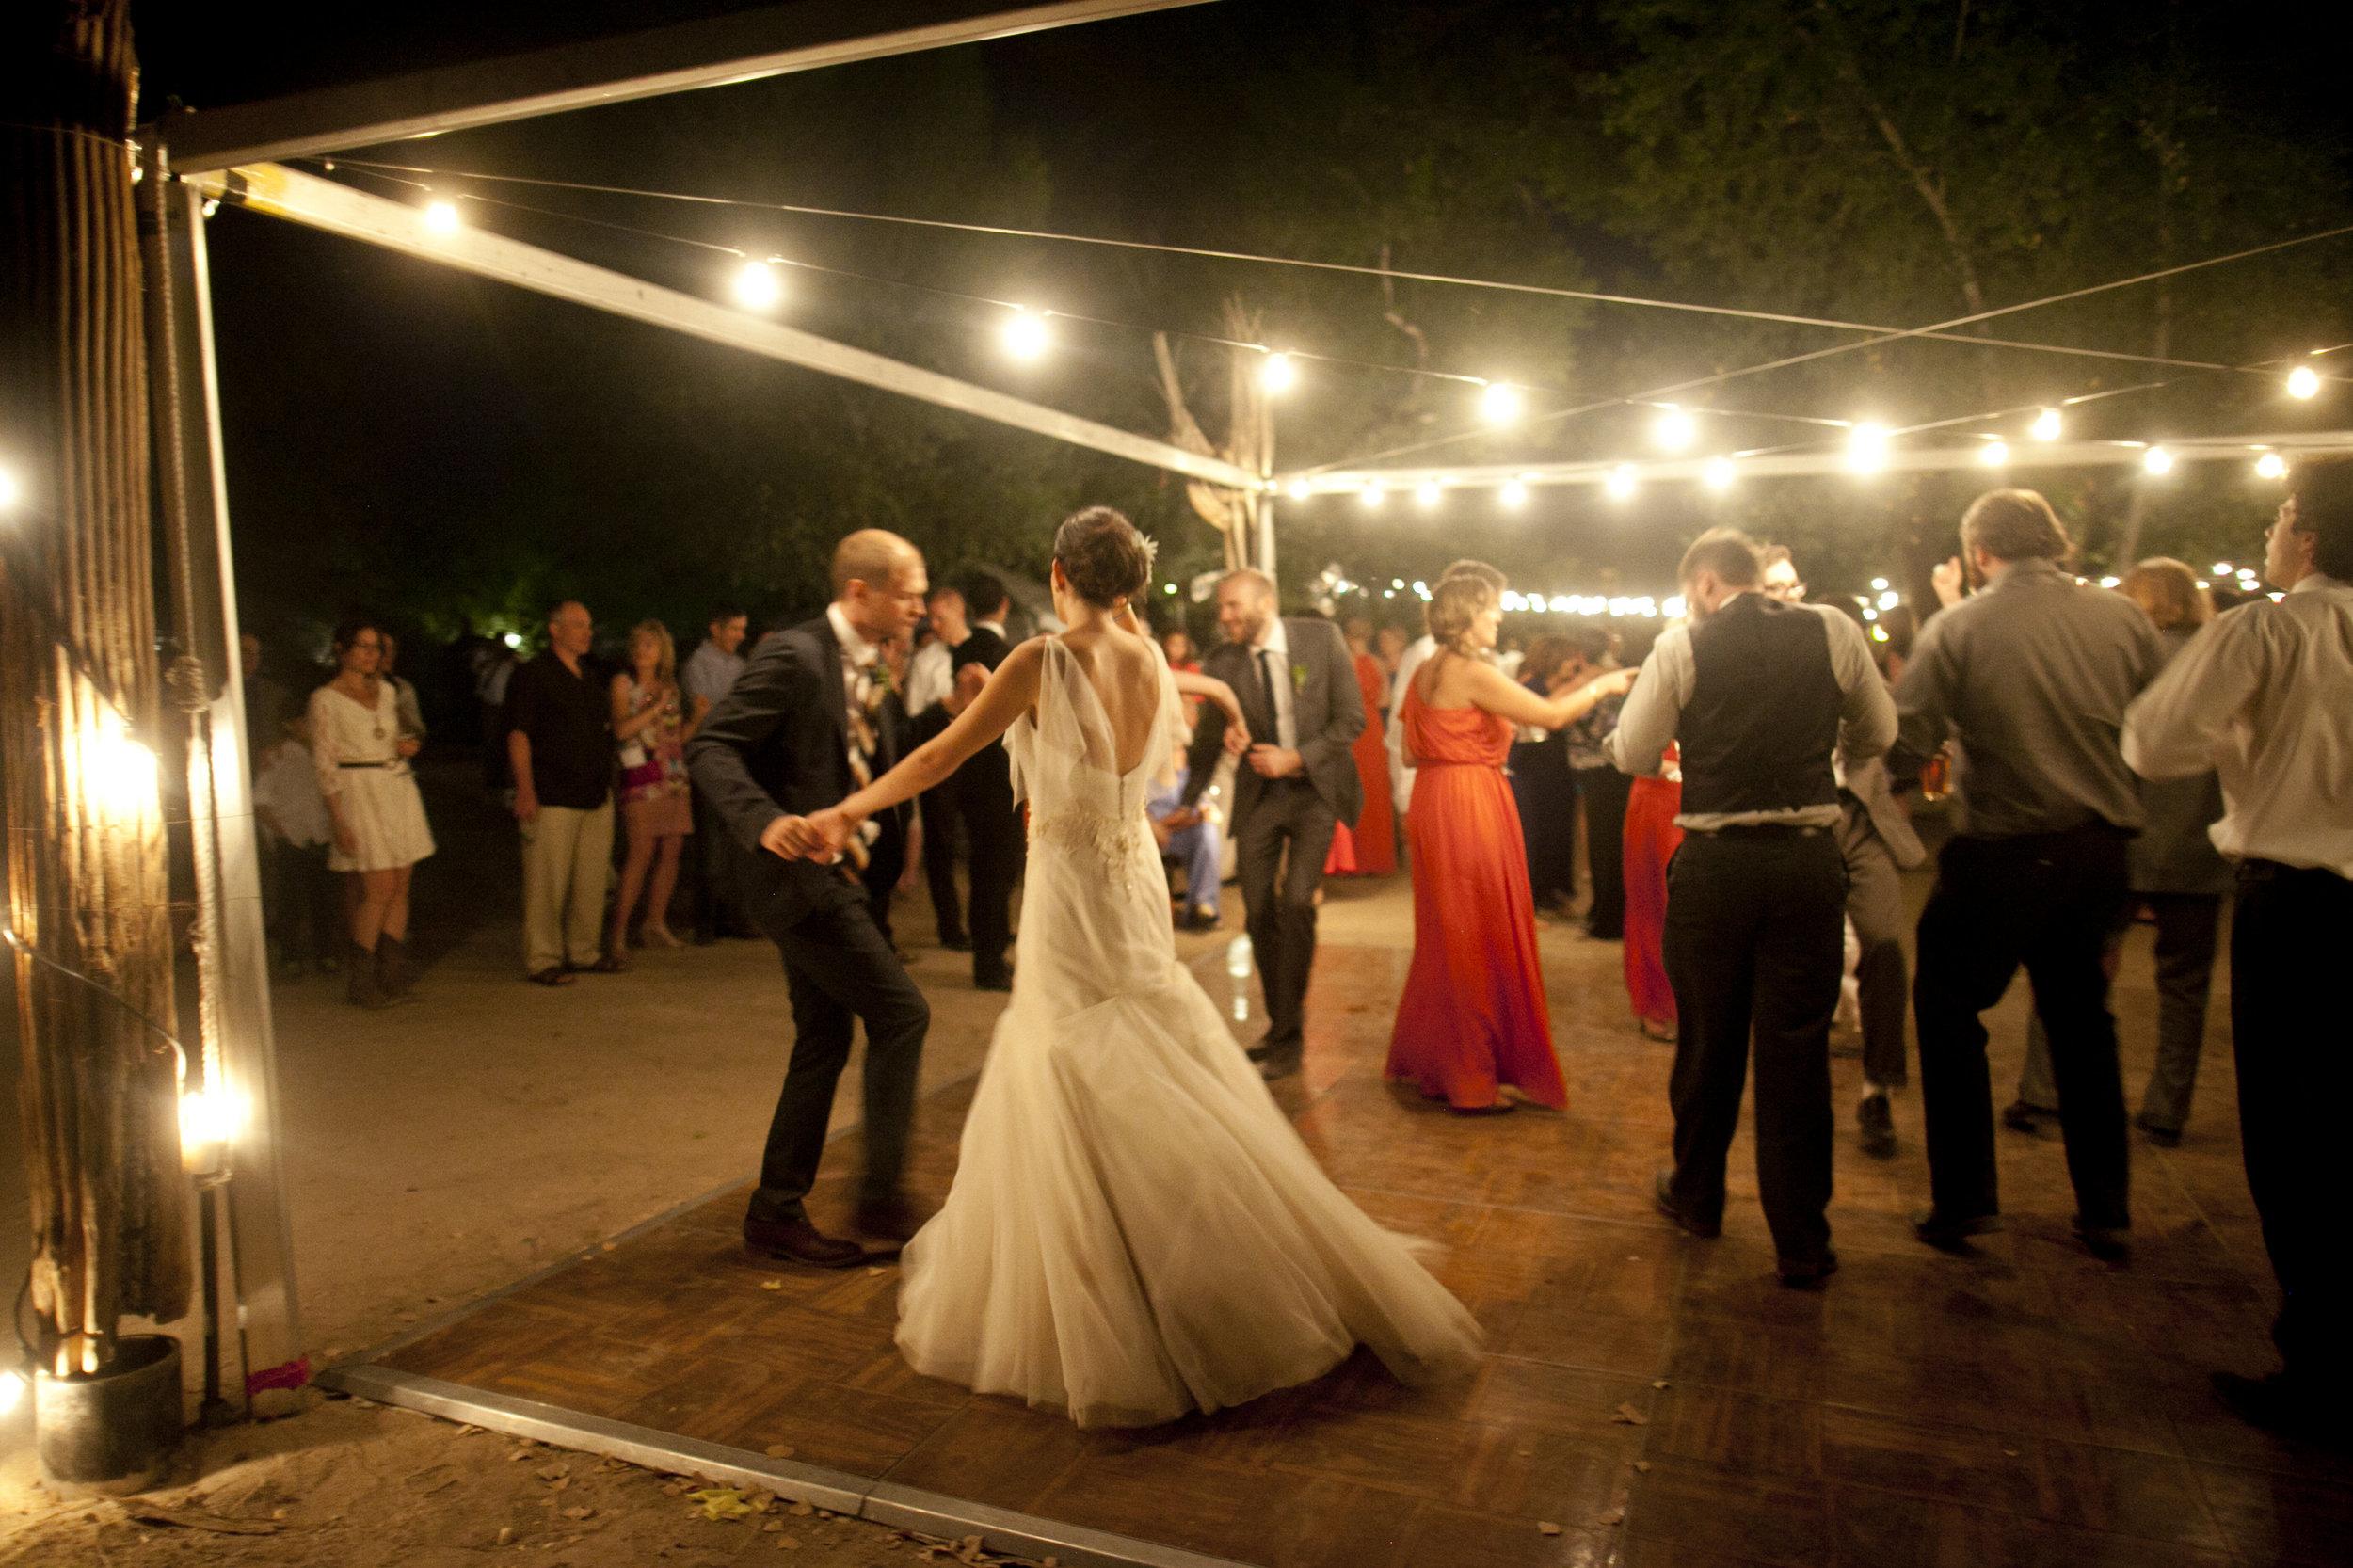 Ceci_New_York_Ceci_Style_Ceci_Johnson_Luxury_Lifestyle_Arizona_Wedding_Watercolor_Inspiration_Design_Custom_Couture_Personalized_Invitations_211.jpg